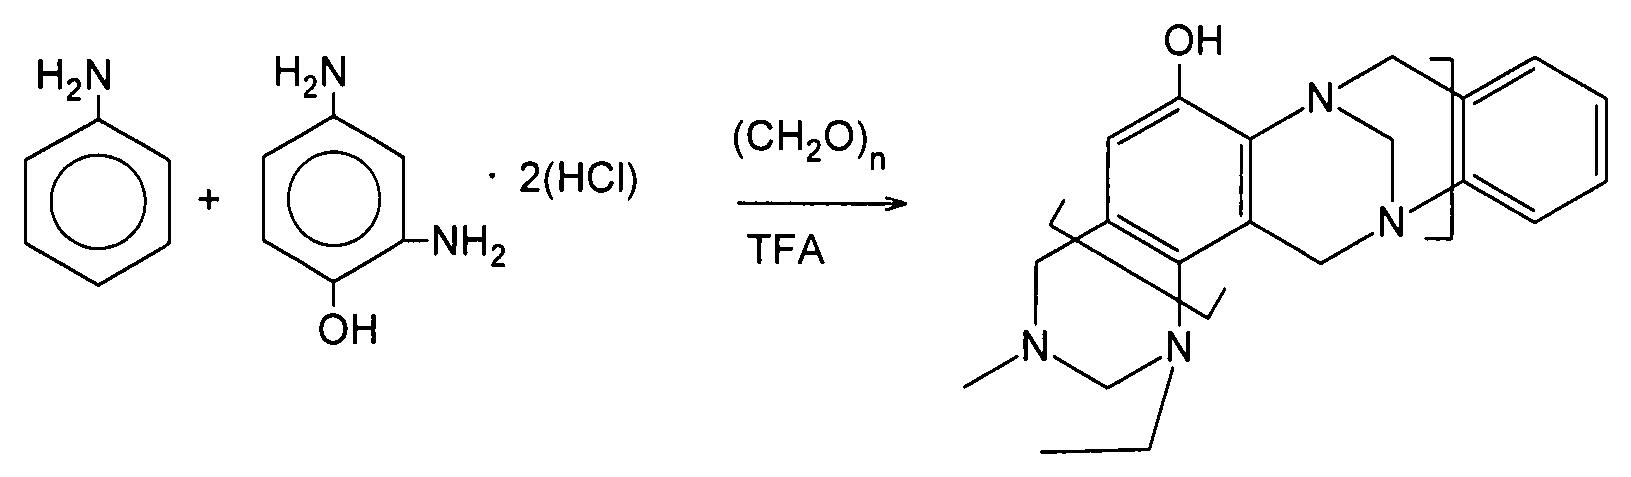 Figure DE112016005378T5_0045